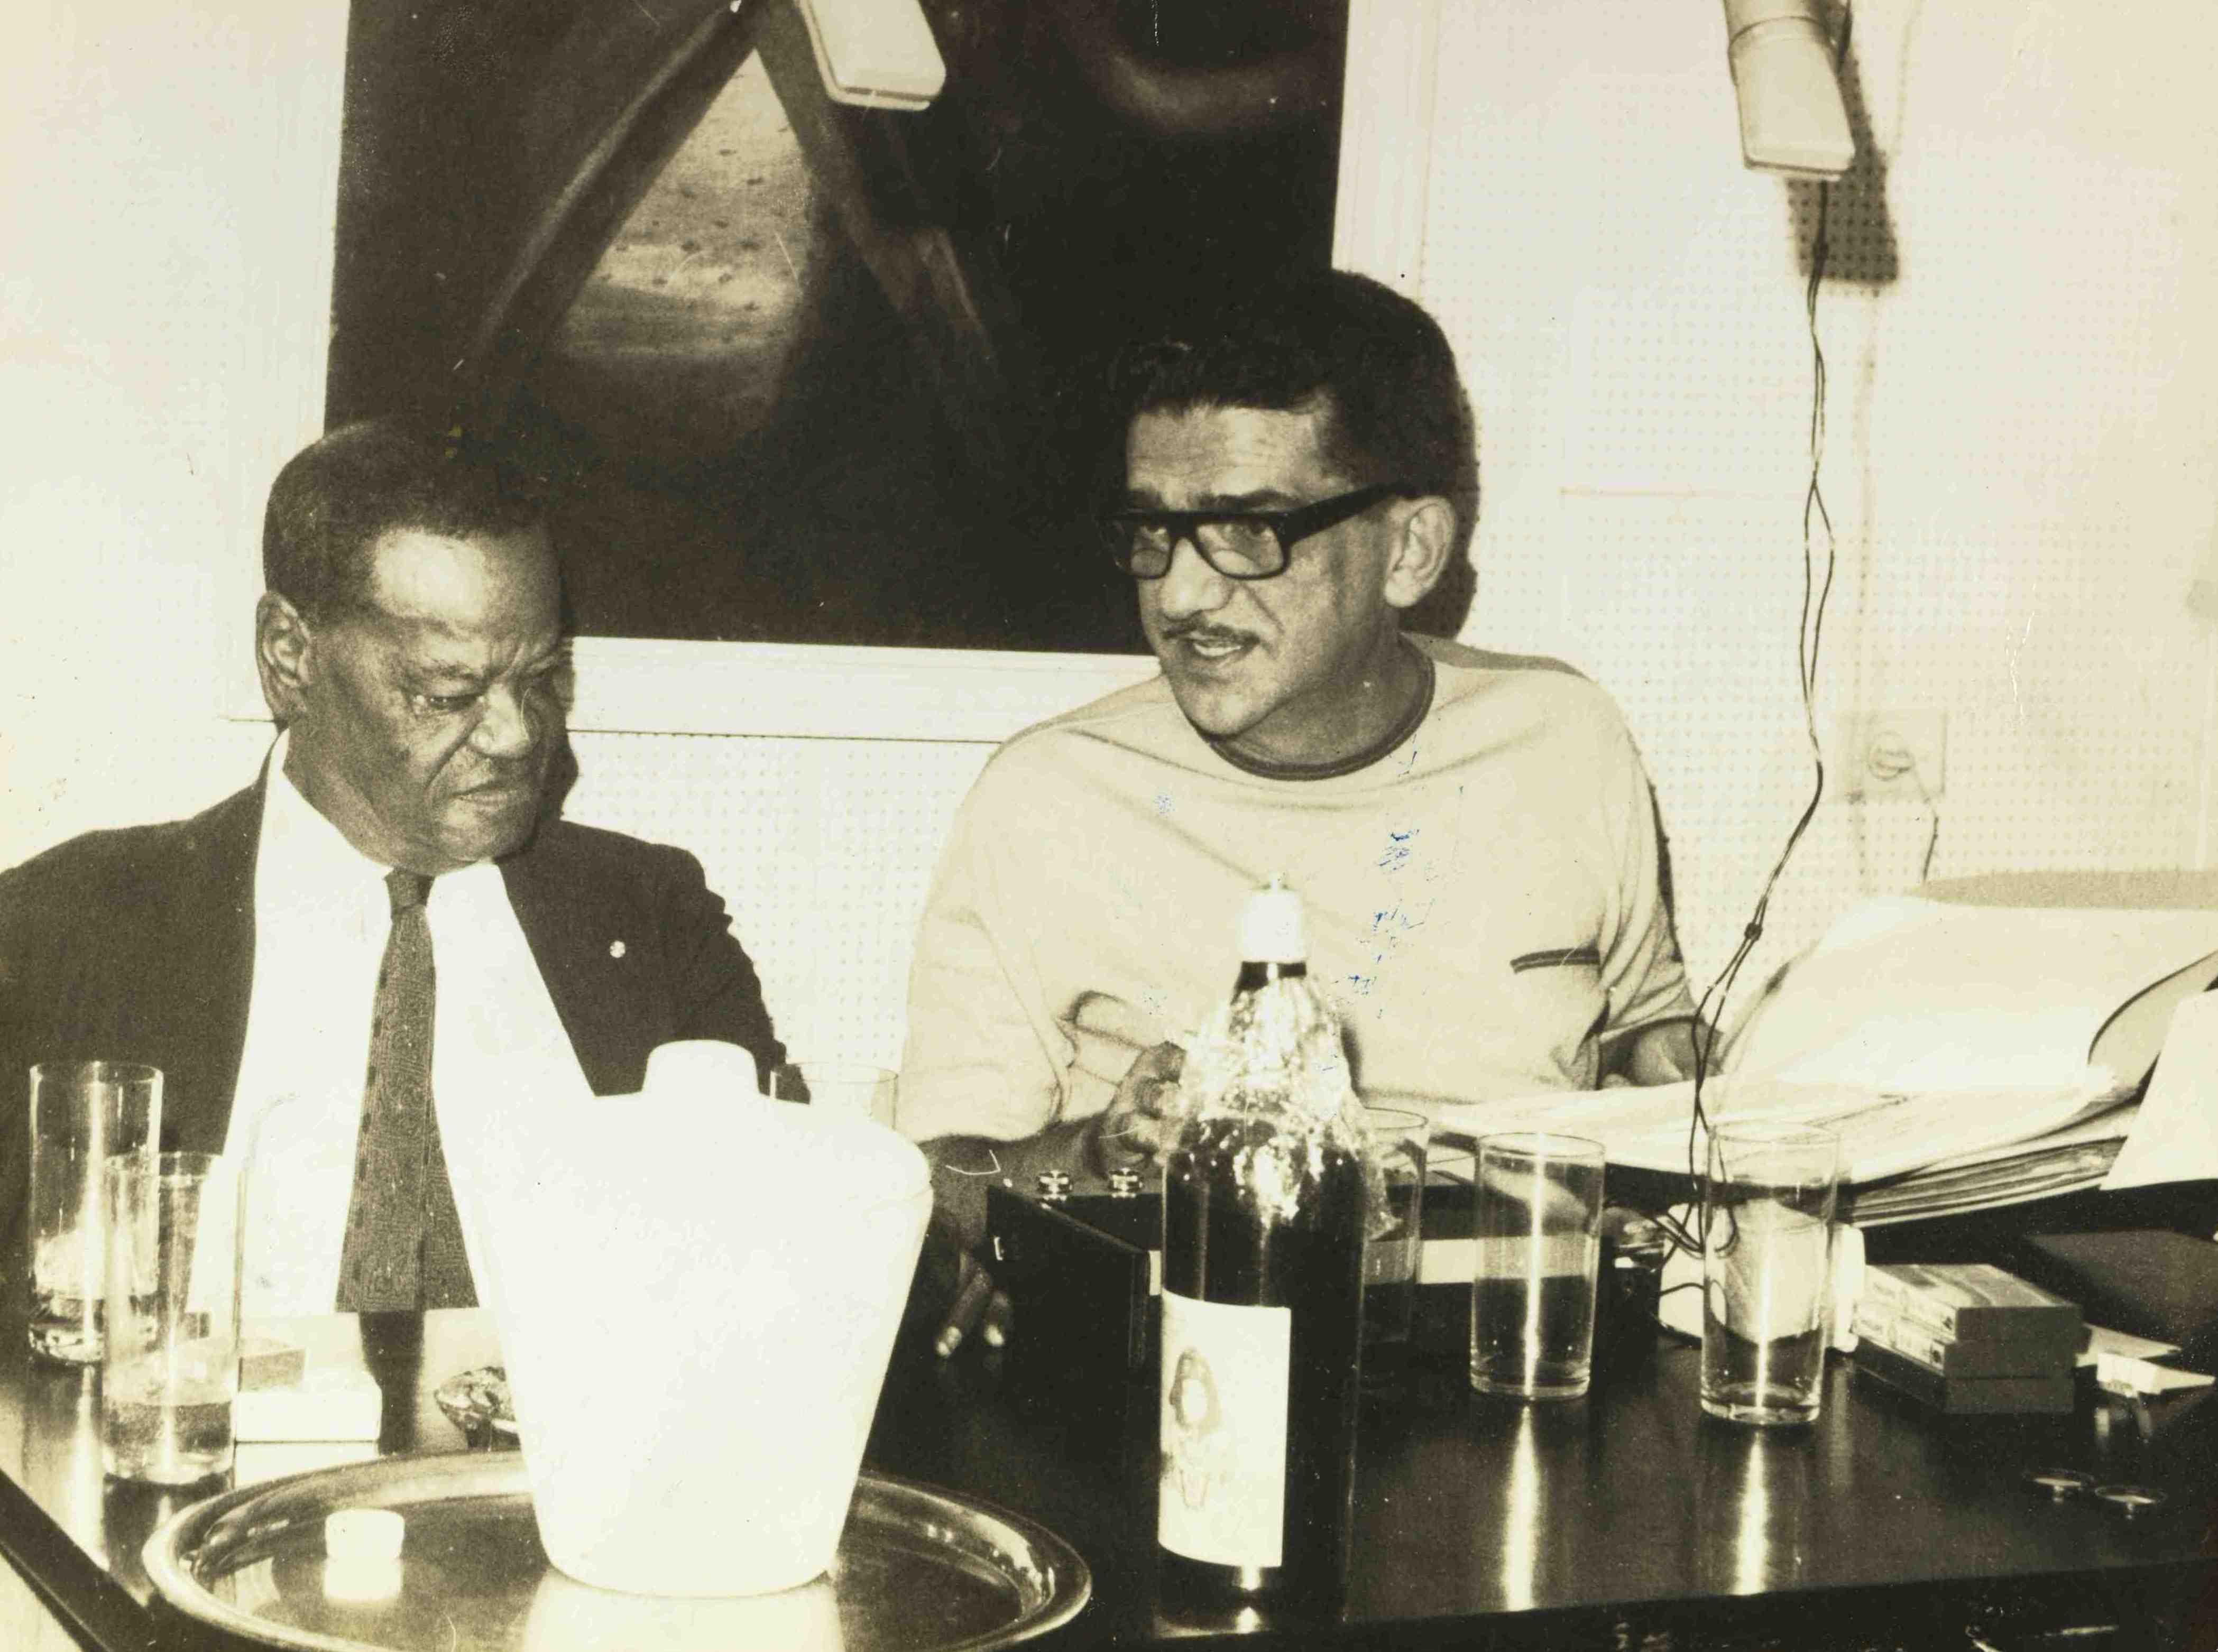 Pixinguinha e Jacob do Bandolim. Segundo depoimento de Pixinguinha ao Museu da Imagem e do Som do Rio de Janeiro. 22/04/1968 (MIS_SCabral_103222 / Acervo Sérgio Cabral / MIS-RJ)